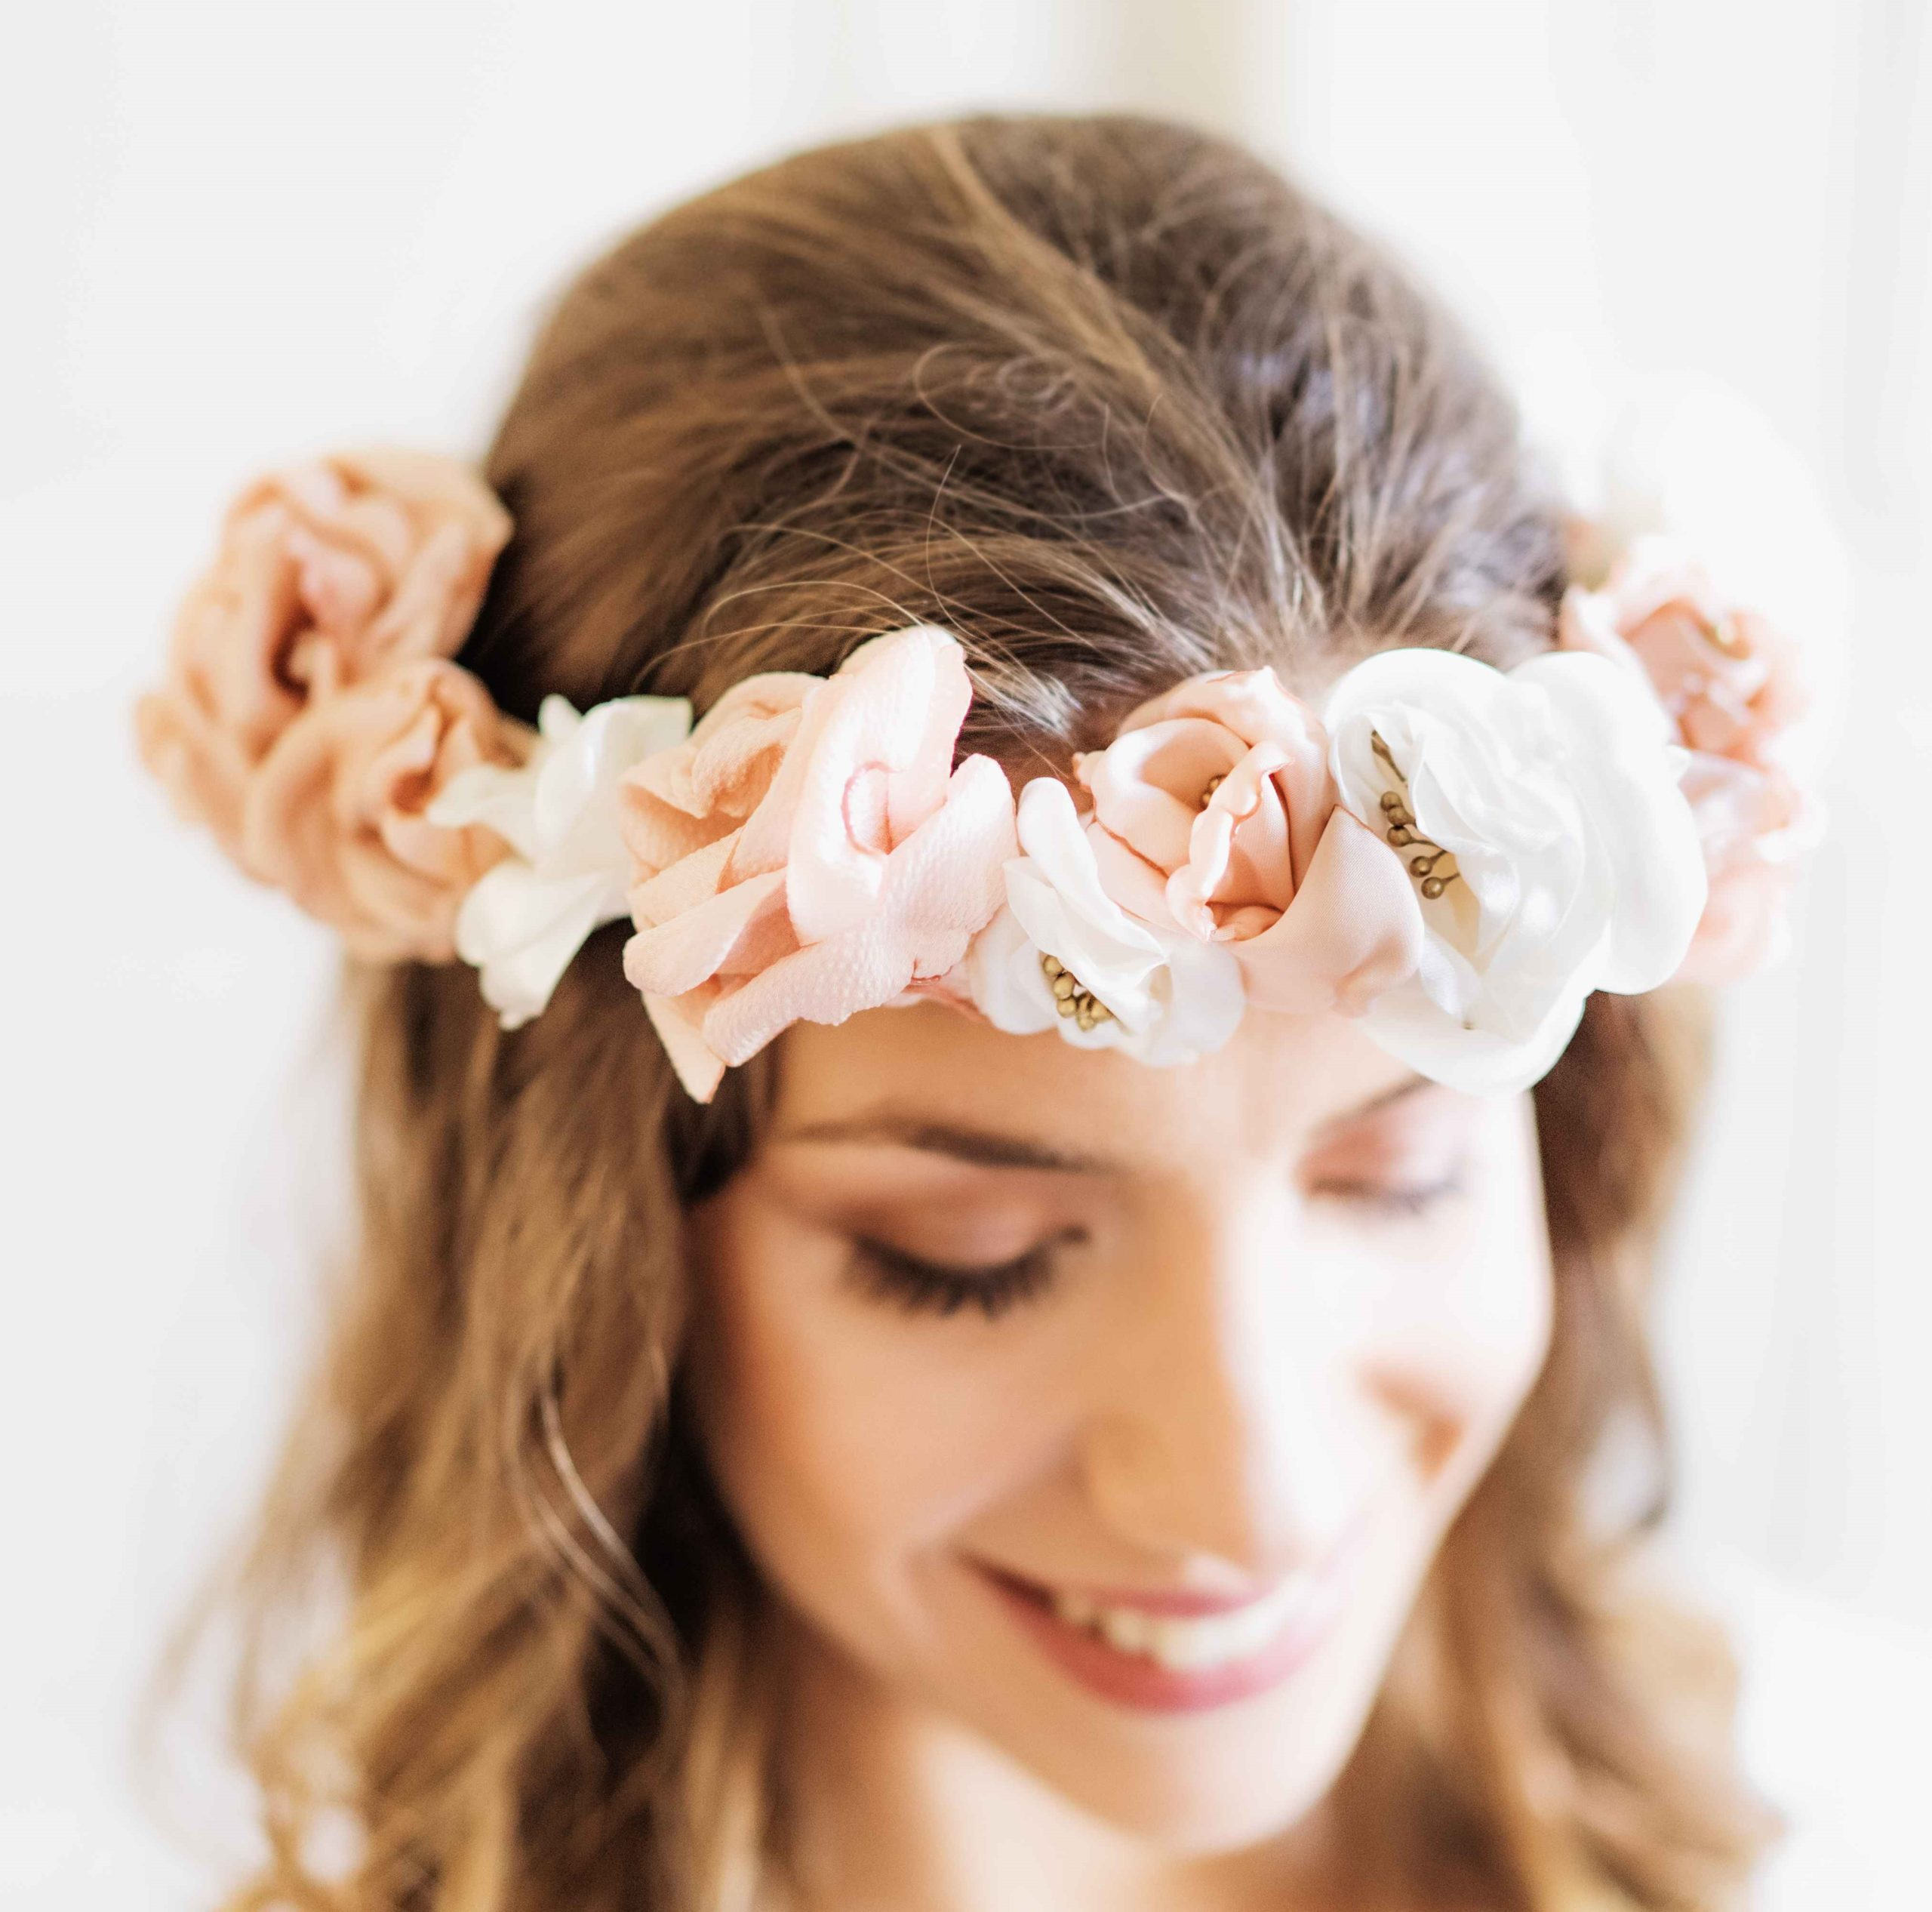 Couronne Elisabeth 4 Alice Marty - Couture florale Accessoires Mariage